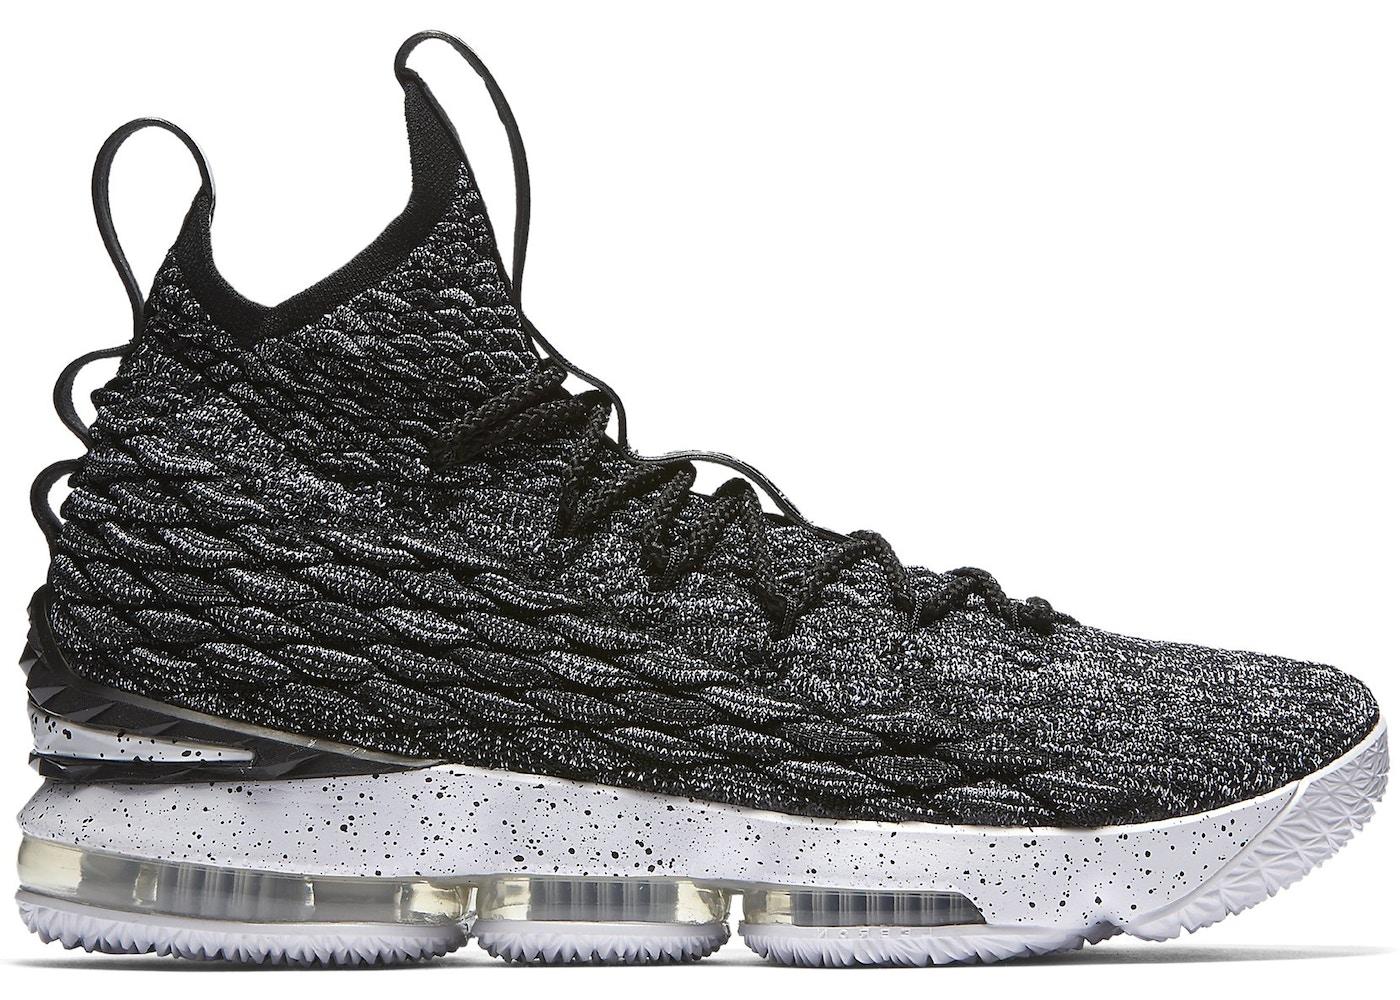 Nike LeBron 15 Ashes